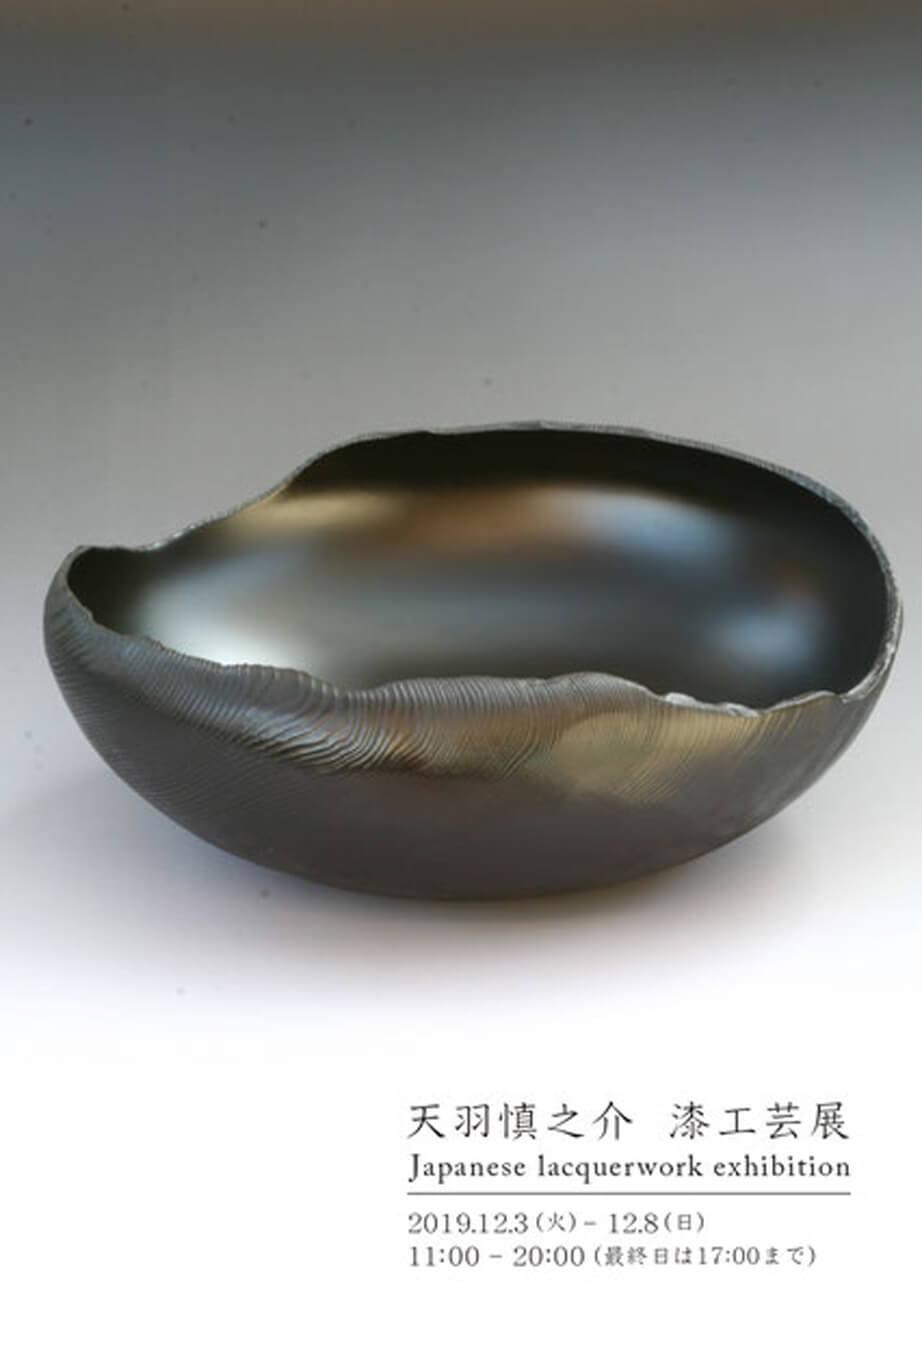 enlc-201912-天羽慎之介-展覧会